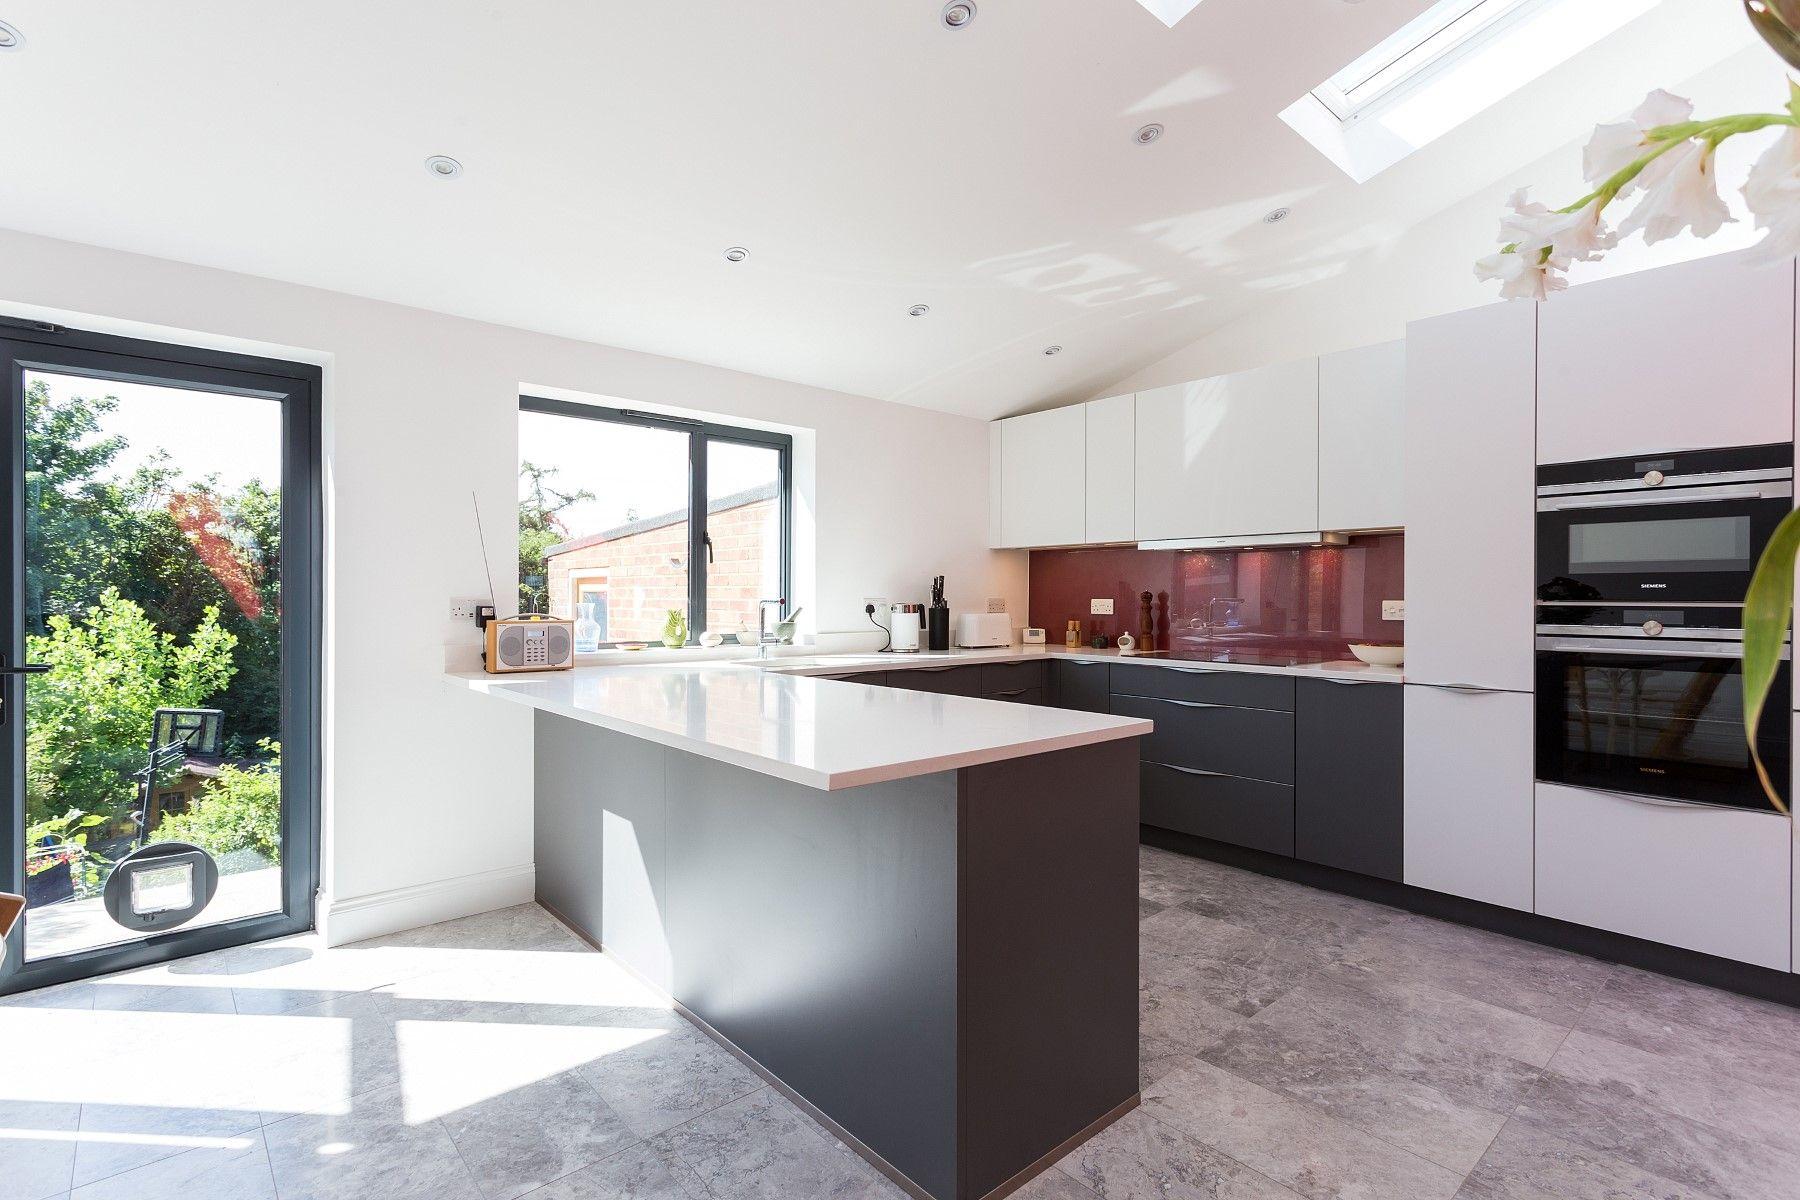 Matt Quartz Grey and White Nolte Kitchen with top mounted handles ... | {Nolte küchen magnolia matt 27}